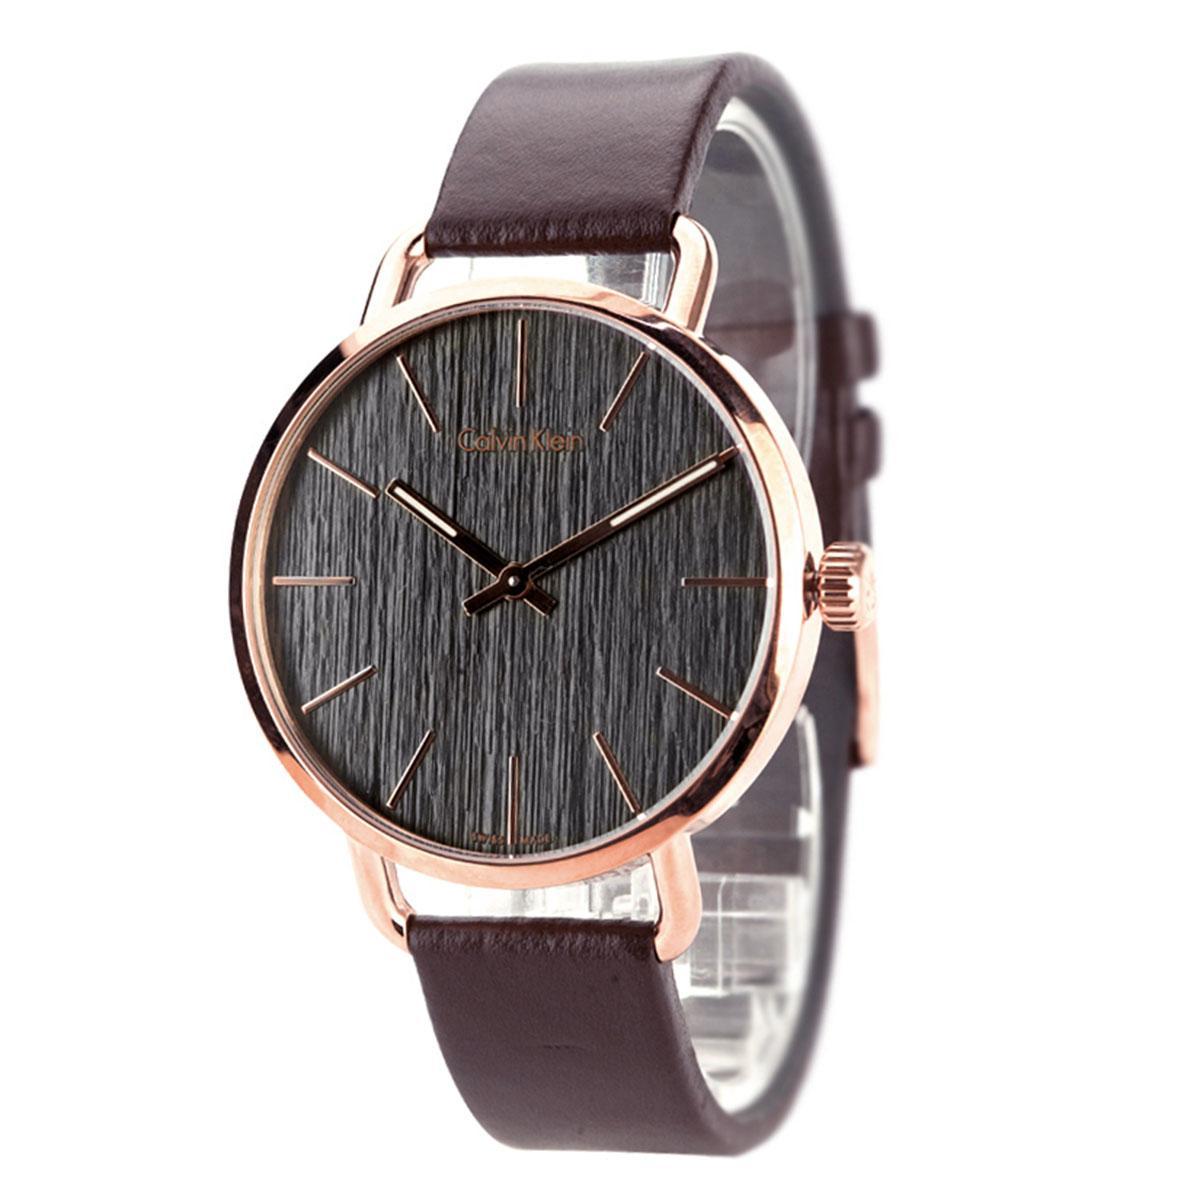 Harga Jam Tangan Wanita Cewek CK R1713 Gold PriceNia com Source · Calvin Klein Even Brown Stainless Steel Case Leather Strap Mens K7B216G3